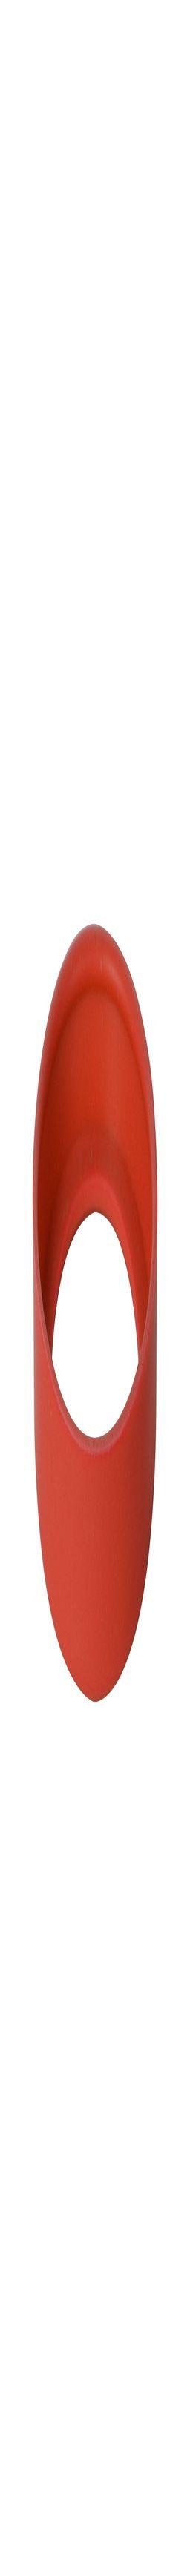 Комплектующая деталь к кружке 25700 FUN - силиконовое дно фото